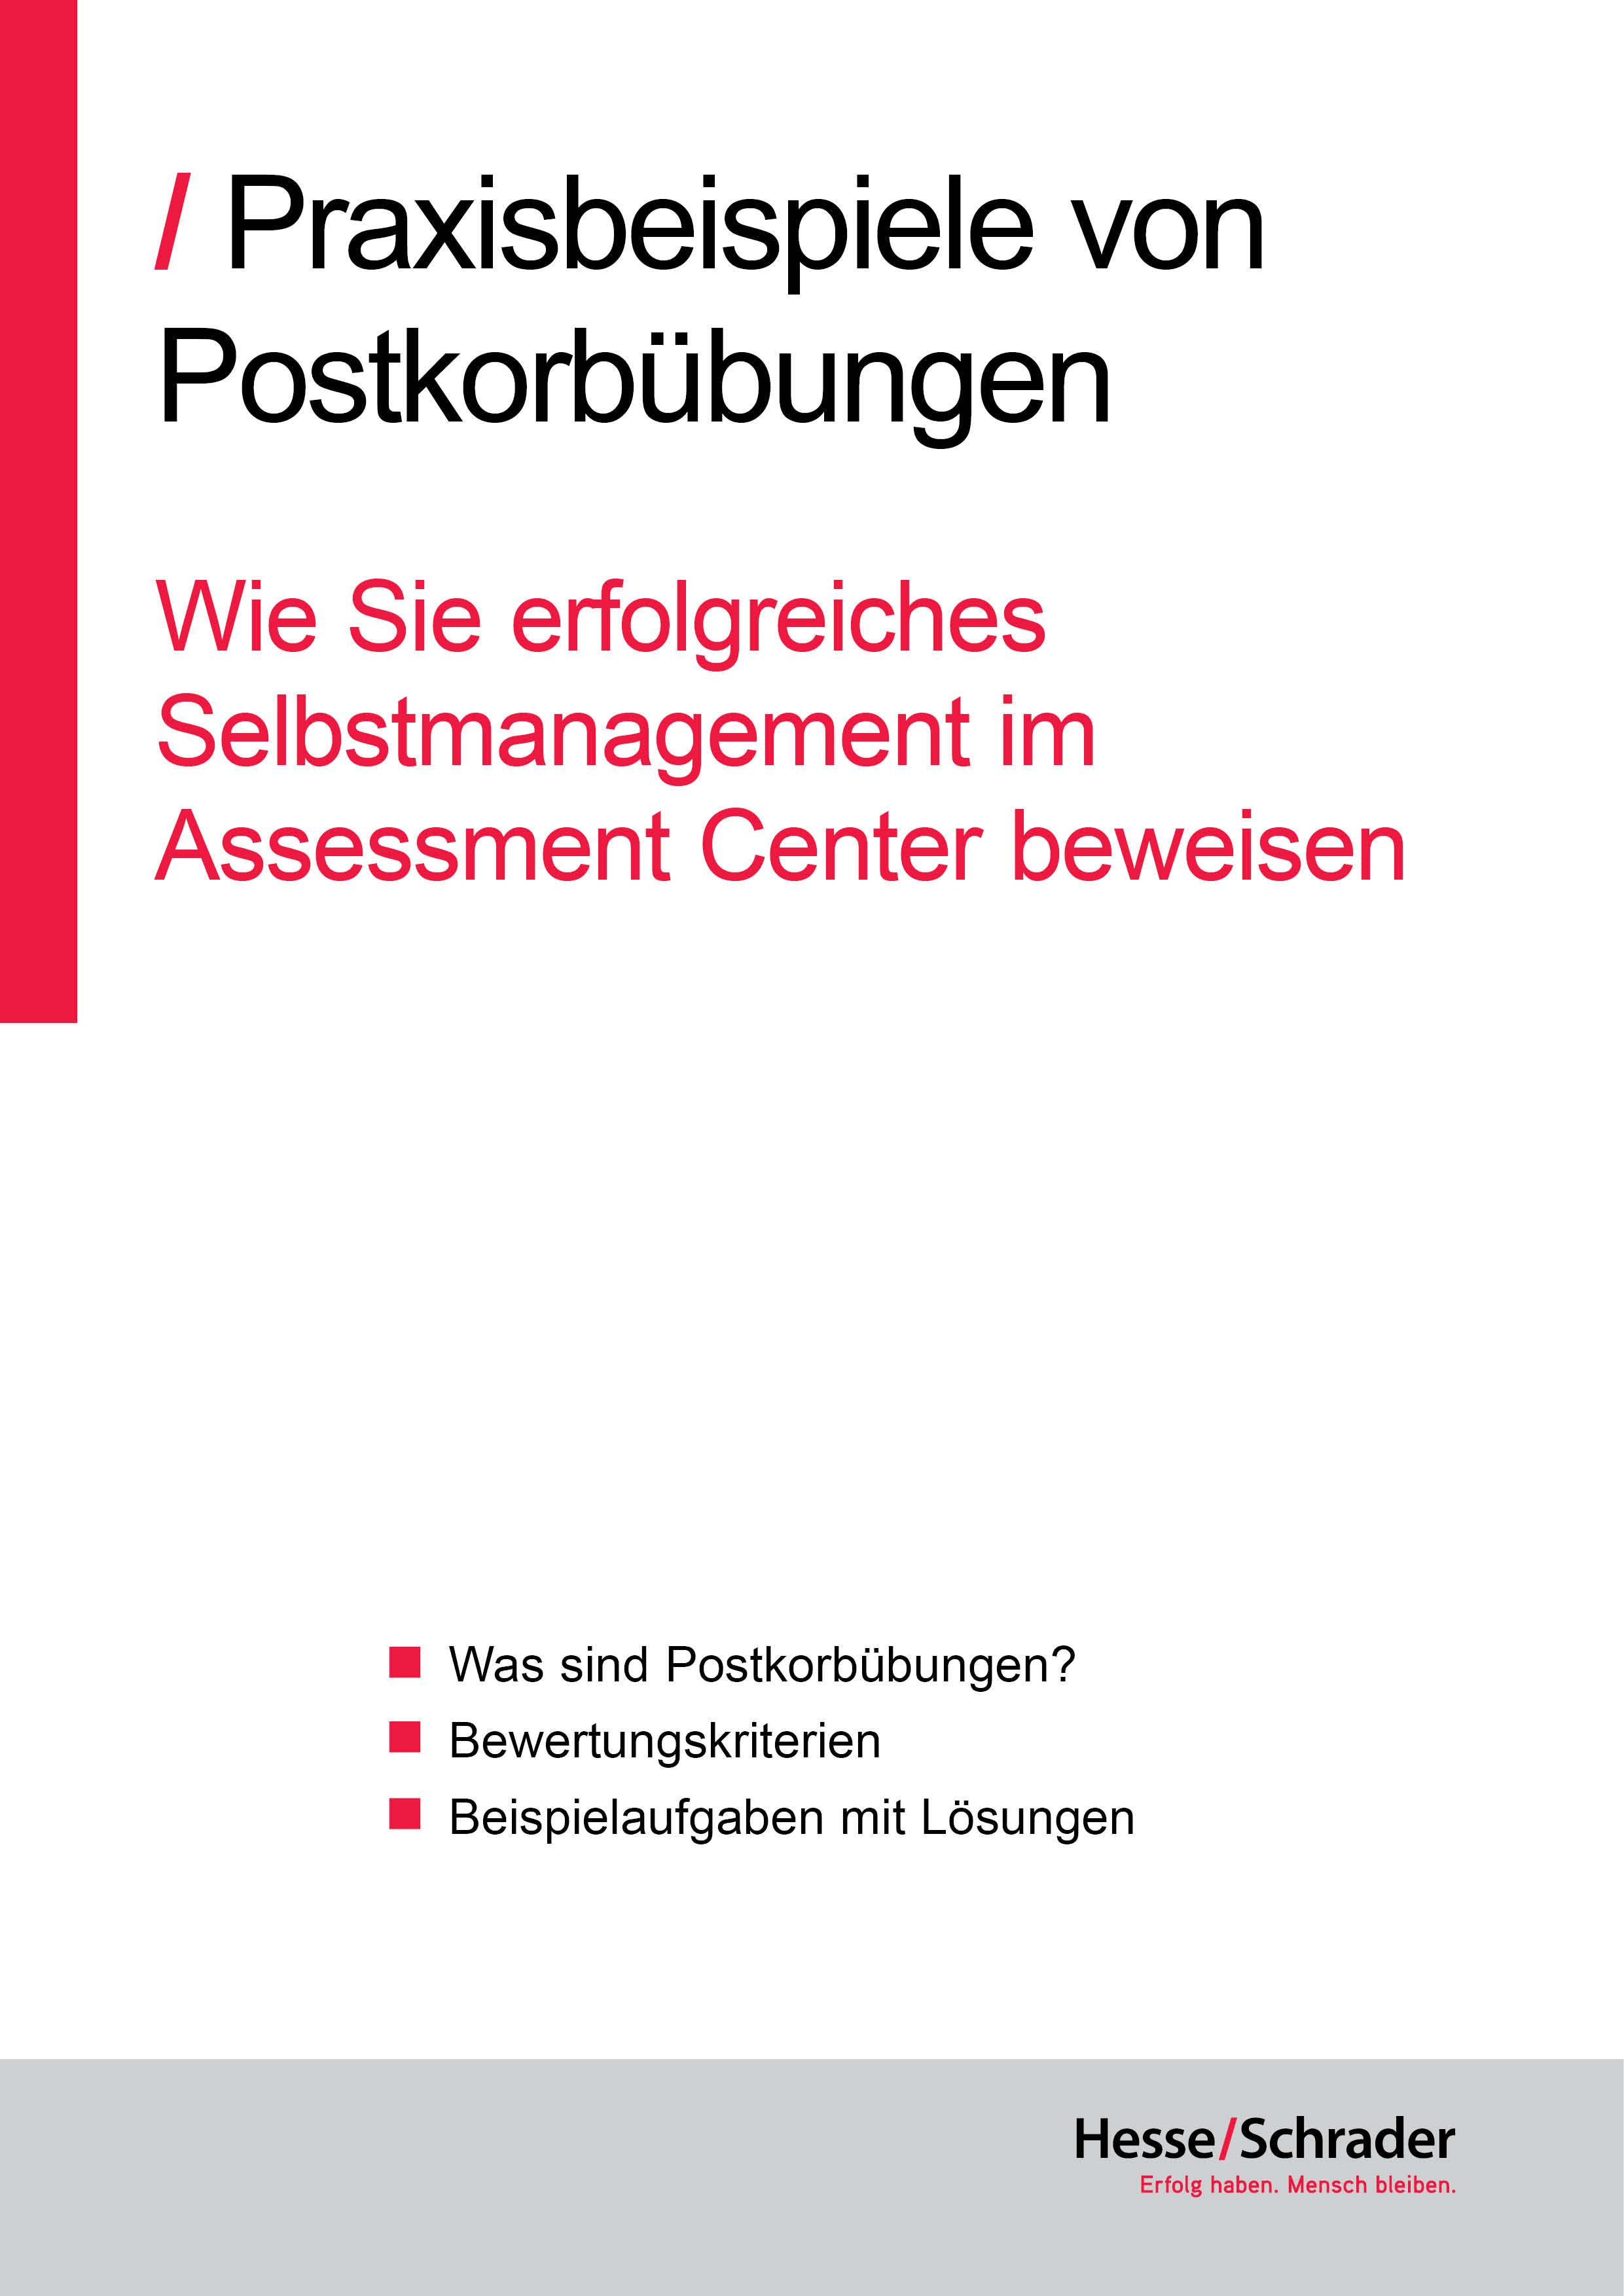 Praxisbeispiele von Postkorbübungen - Erfolgreiches Selbstmanagement im Assessment Center